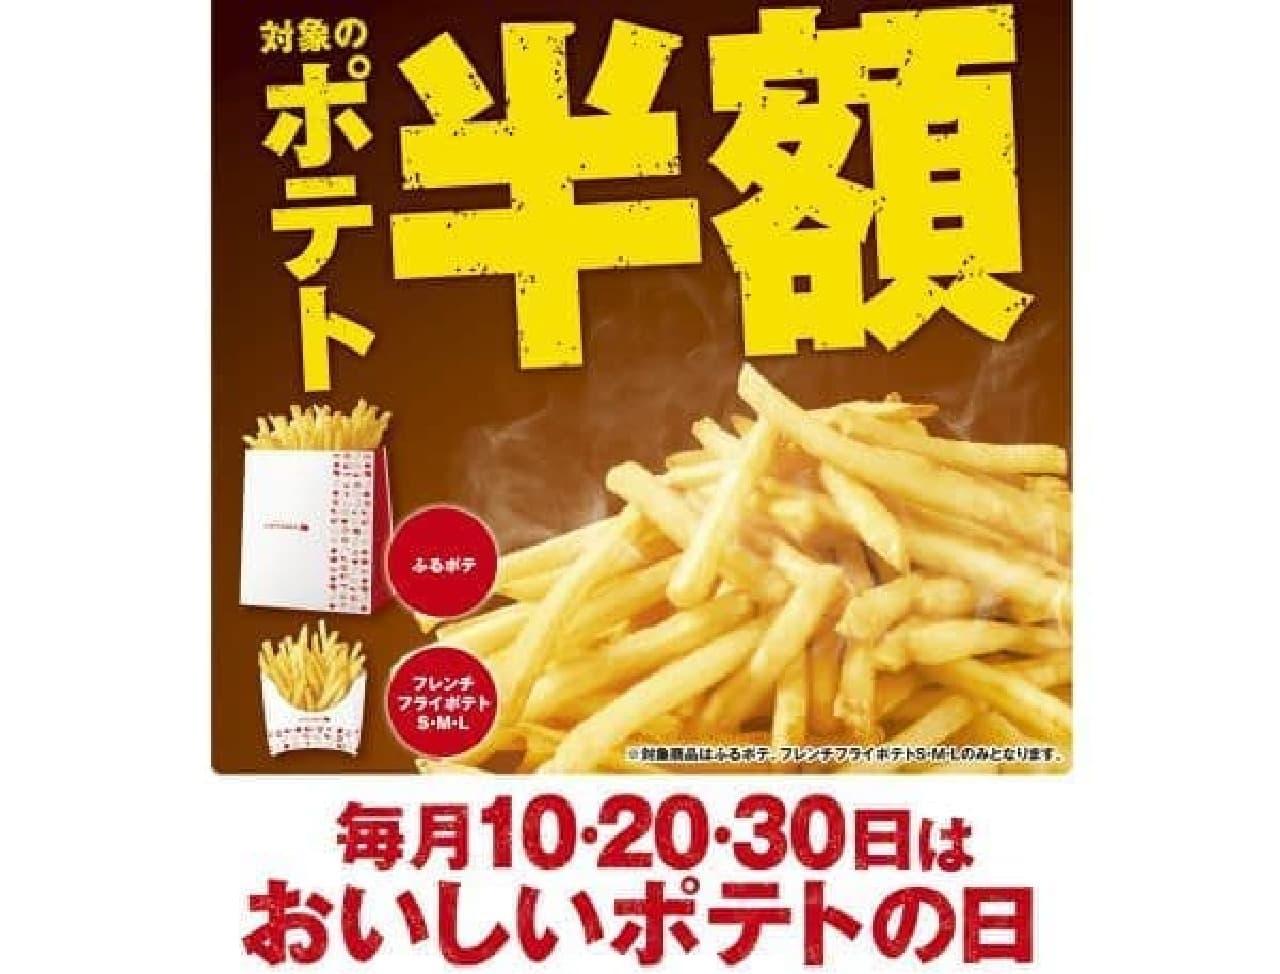 ロッテリア「ポテト半額」キャンペーン